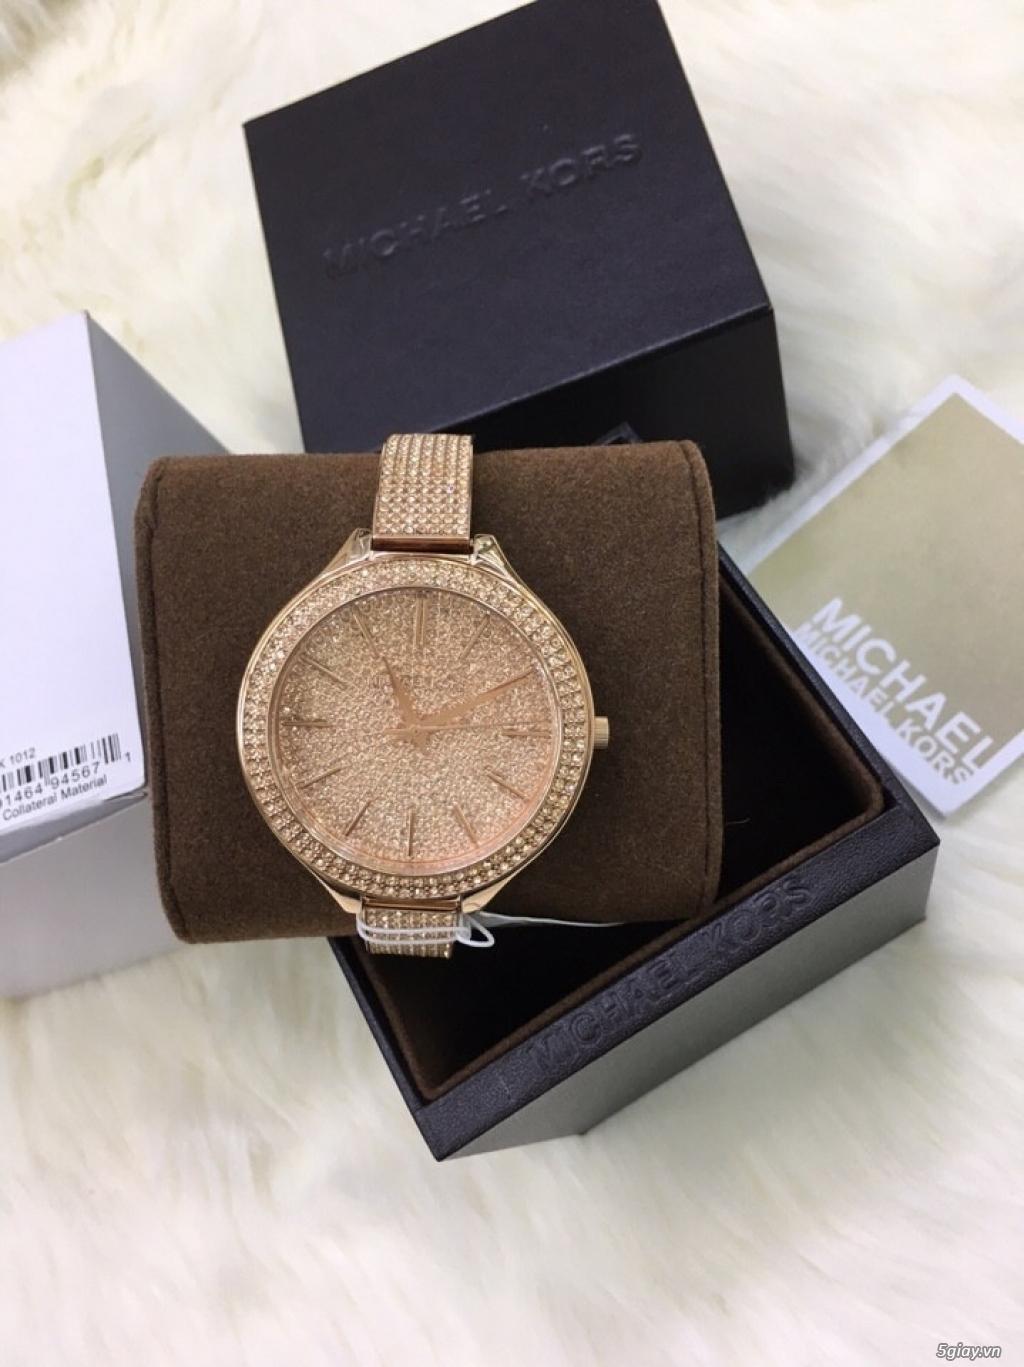 Đồng hồ chính hãng Michael Kors giá rẻ - 49